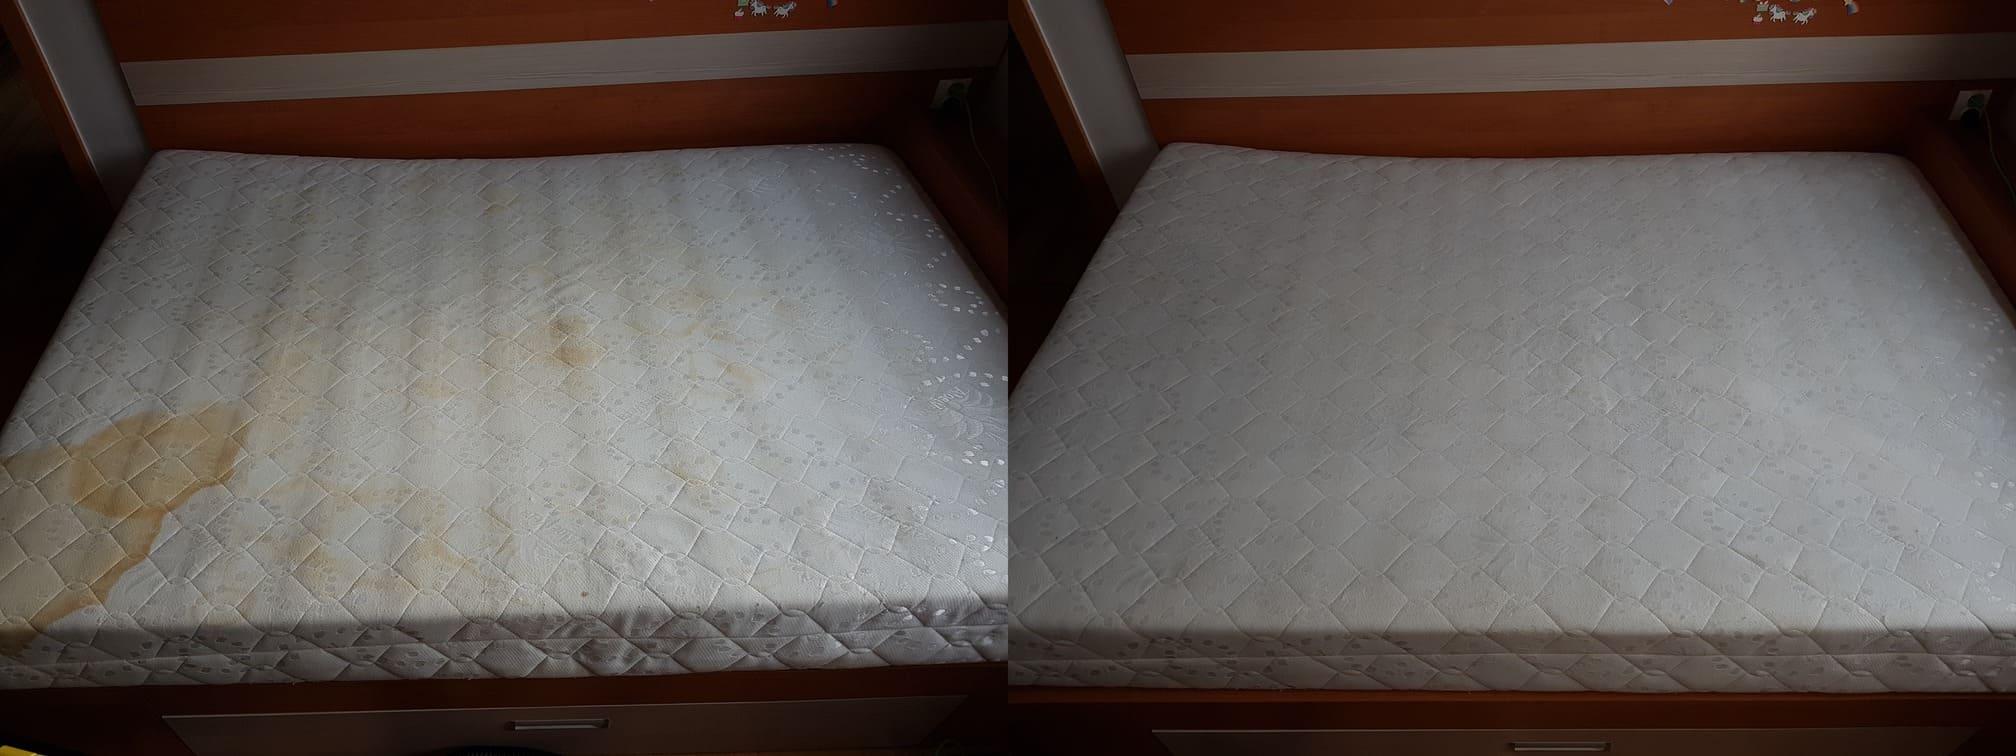 Różnica między brudnym a czystem materacem